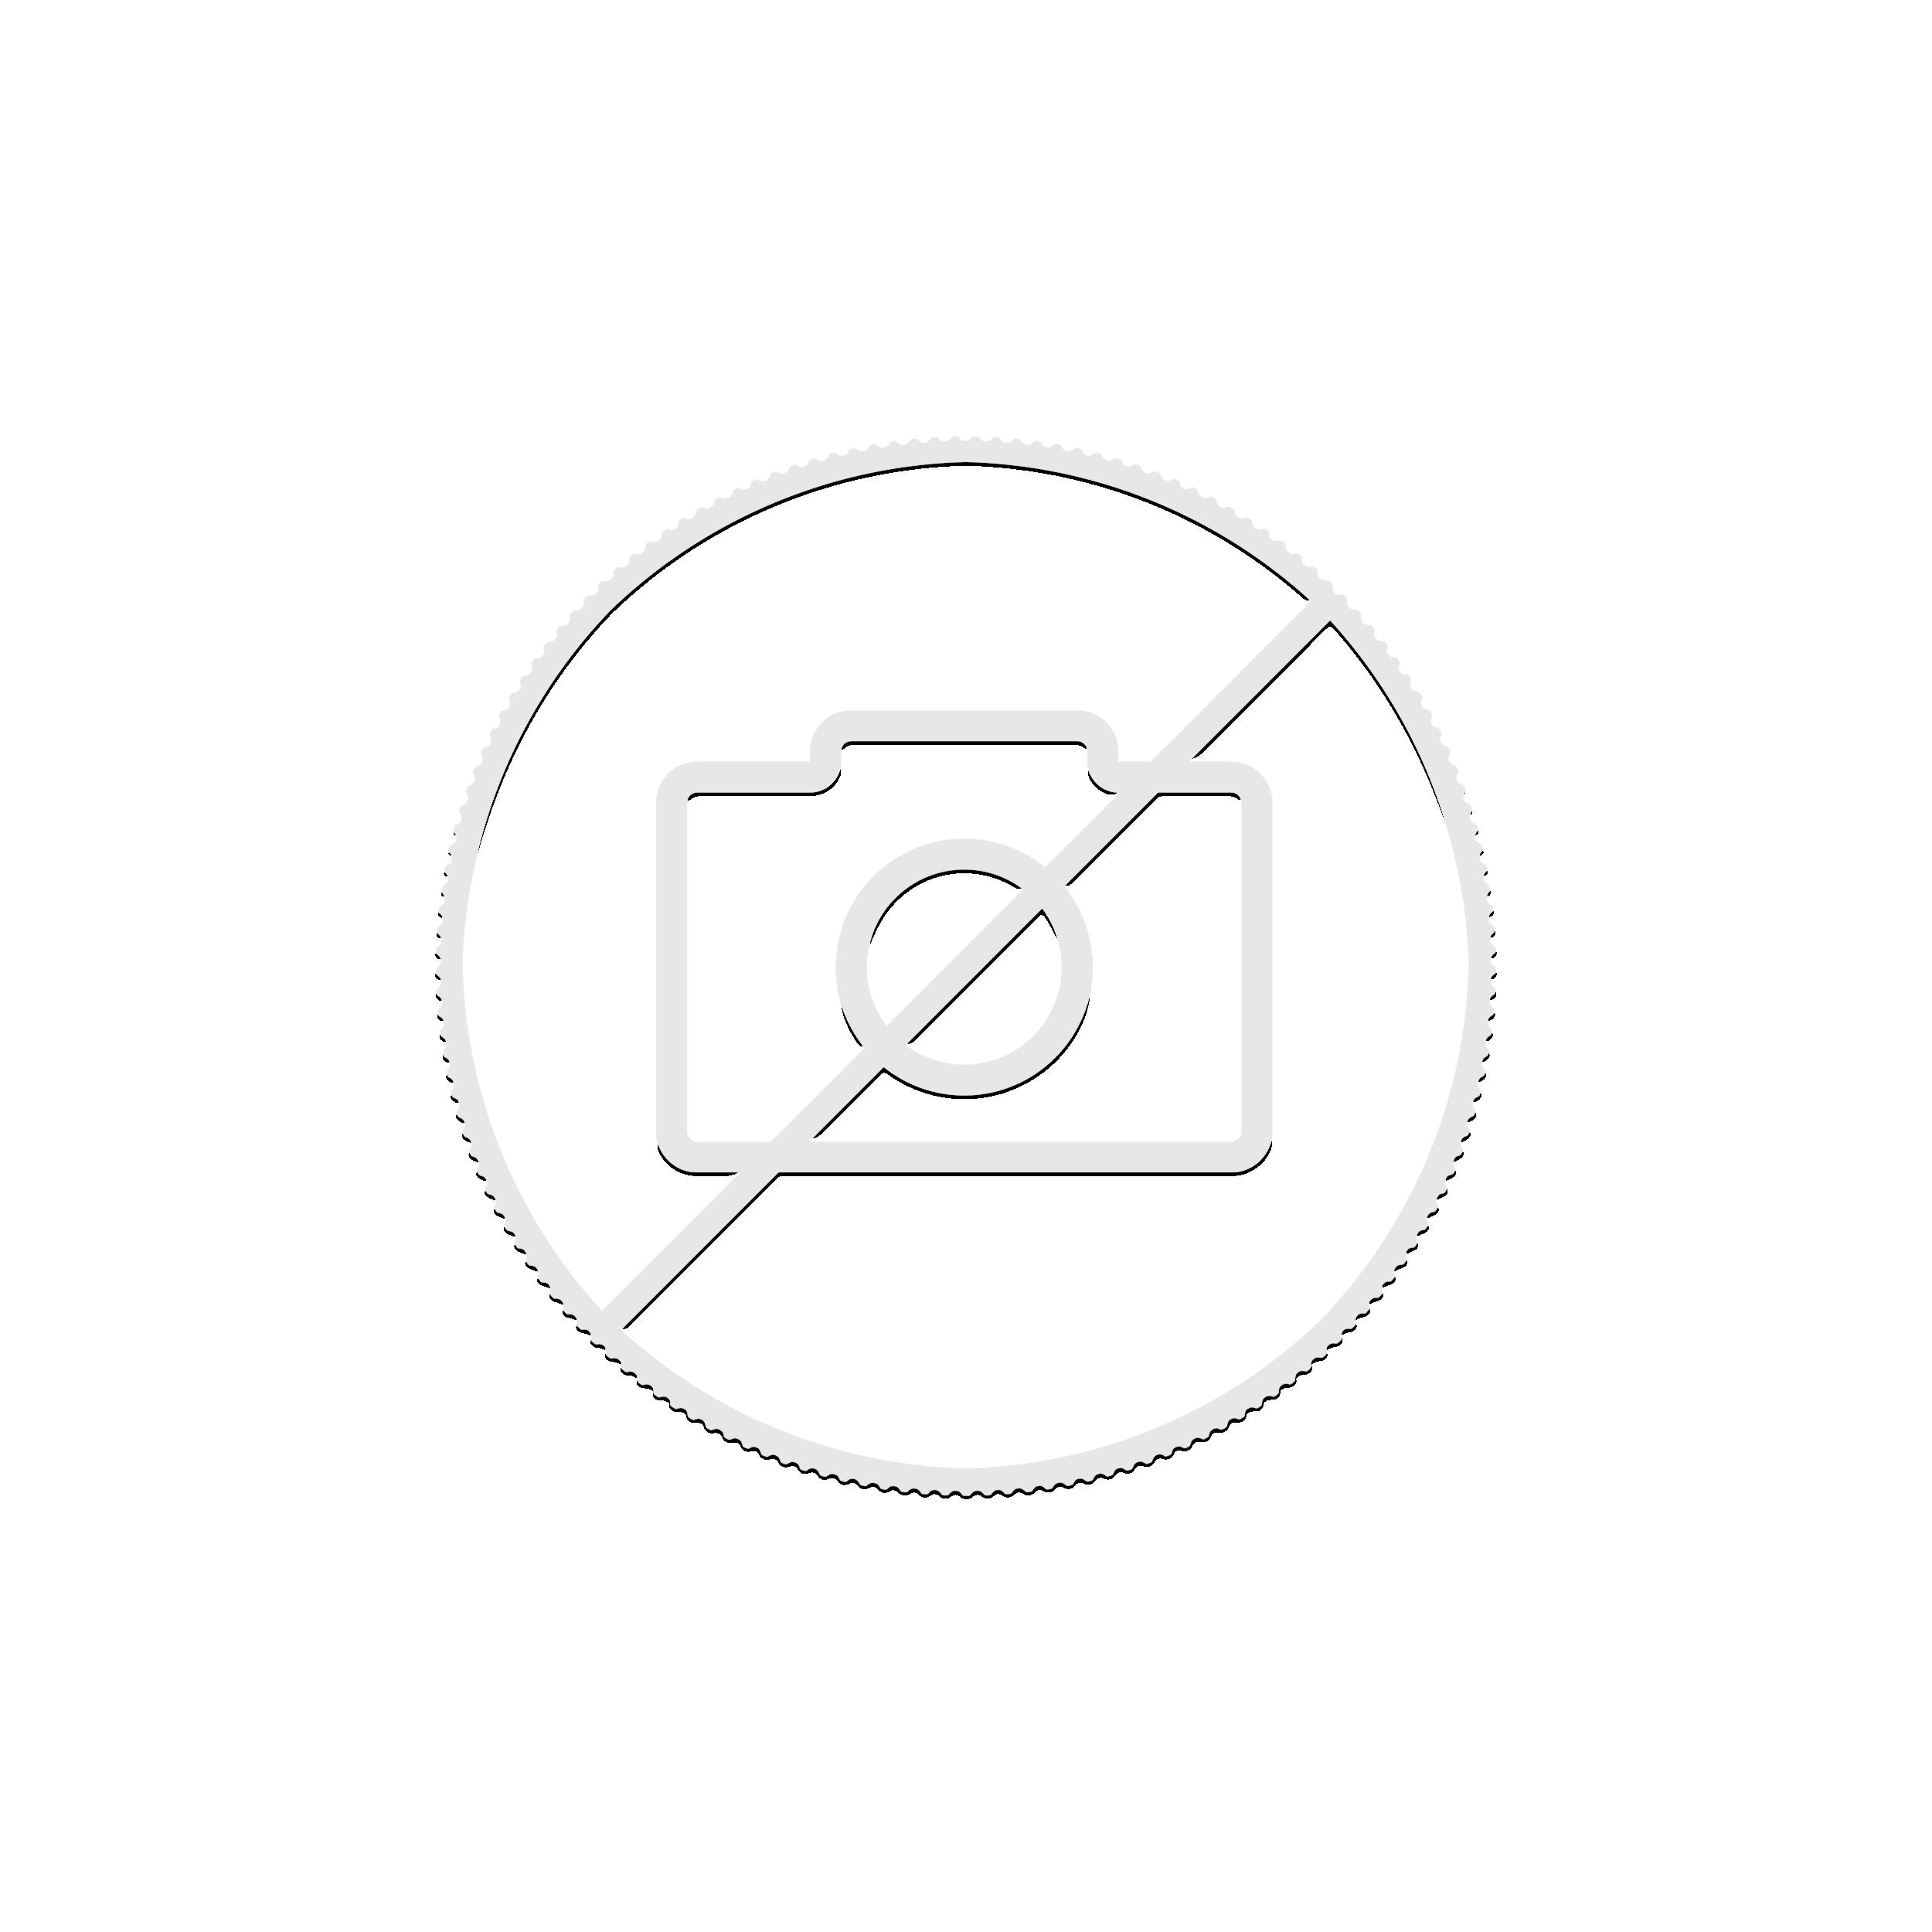 2 Troy ounce gold coin Lunar 2021